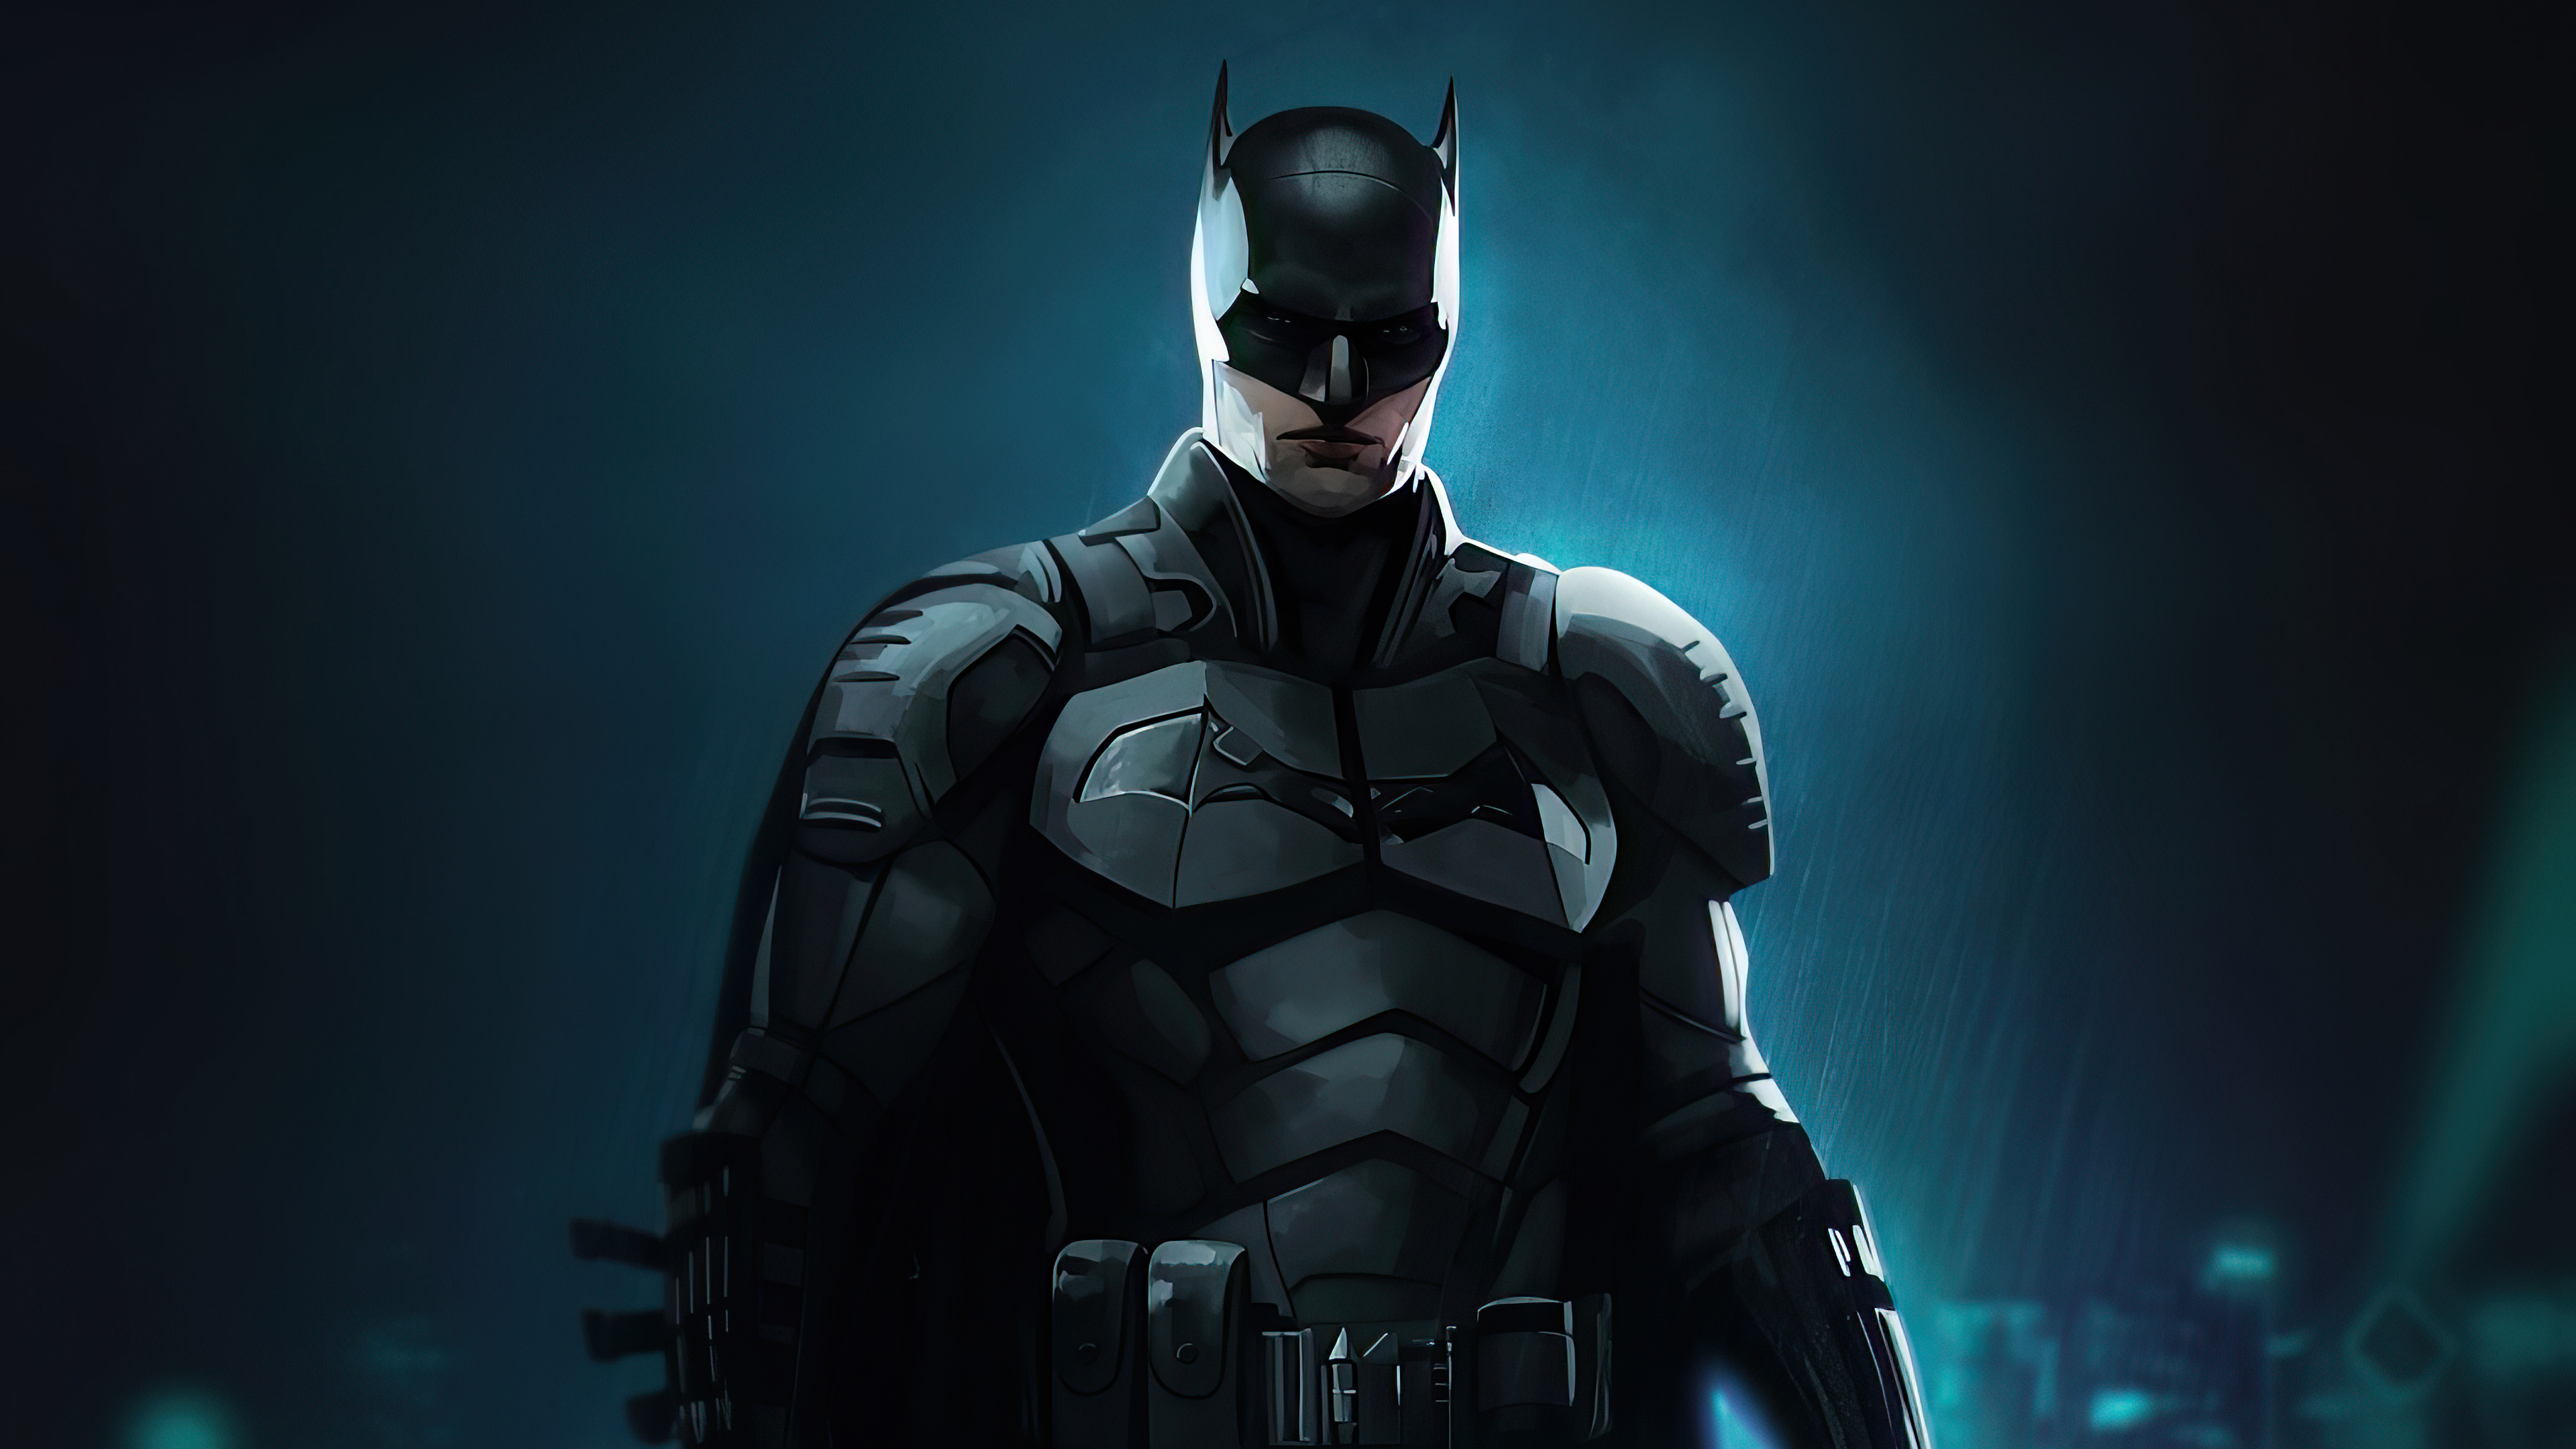 Fondos de pantalla Poster de The Batman 2021